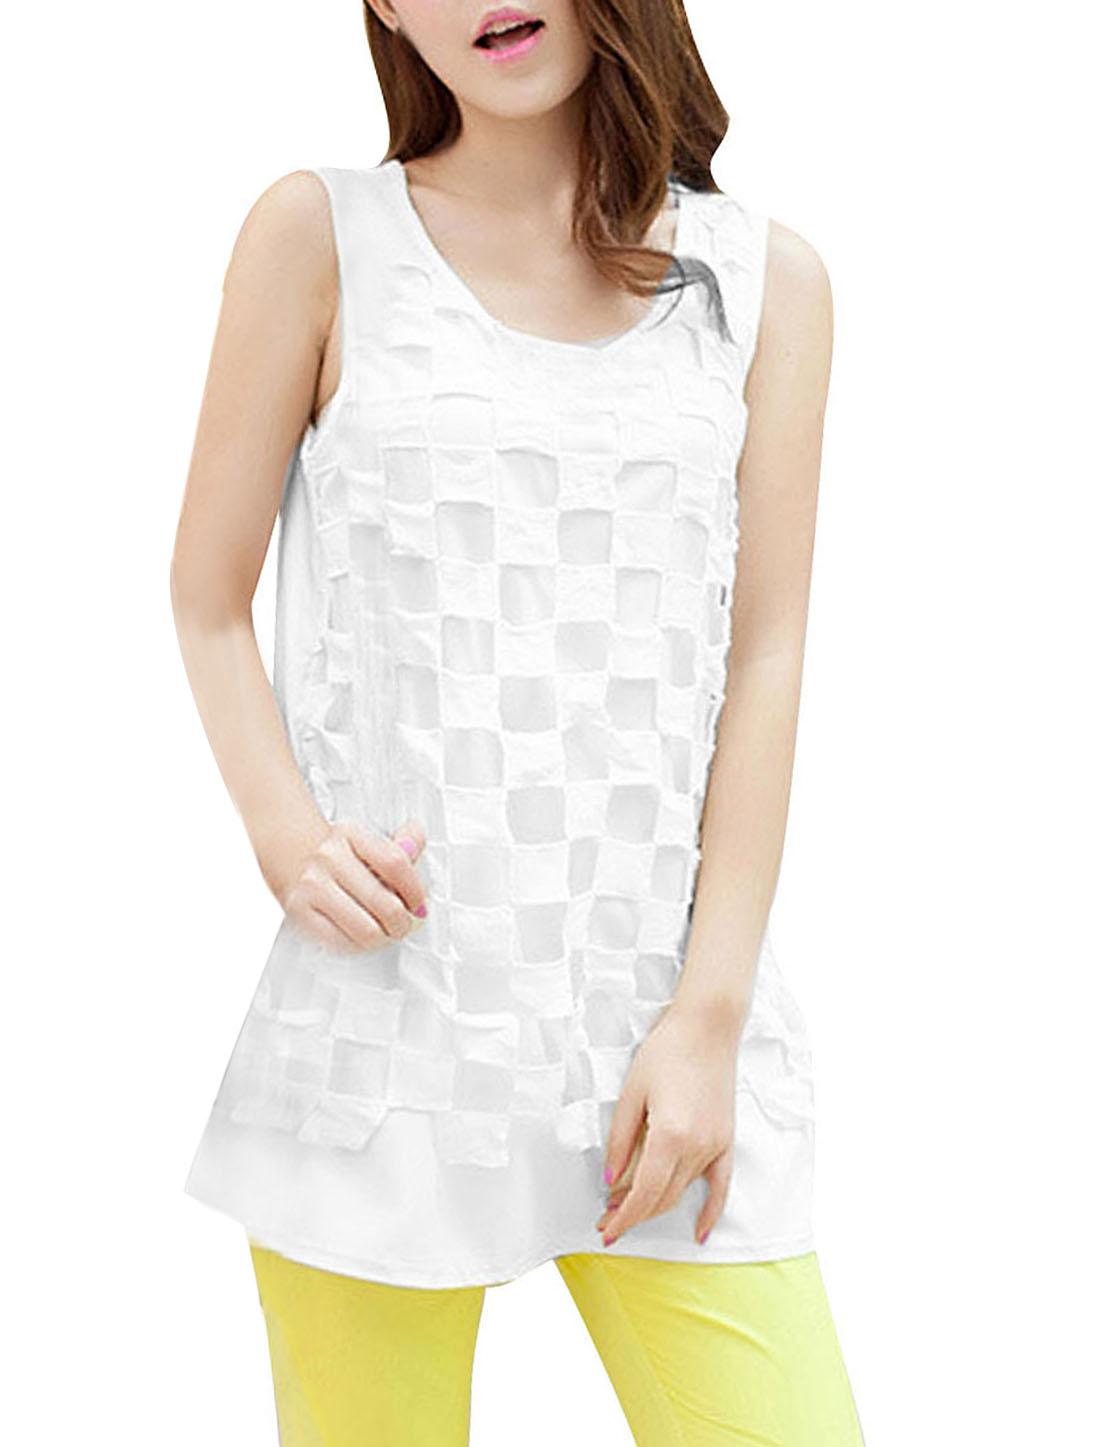 Ladies Round Neck Sleeveless Plaids Top Shirt White XS